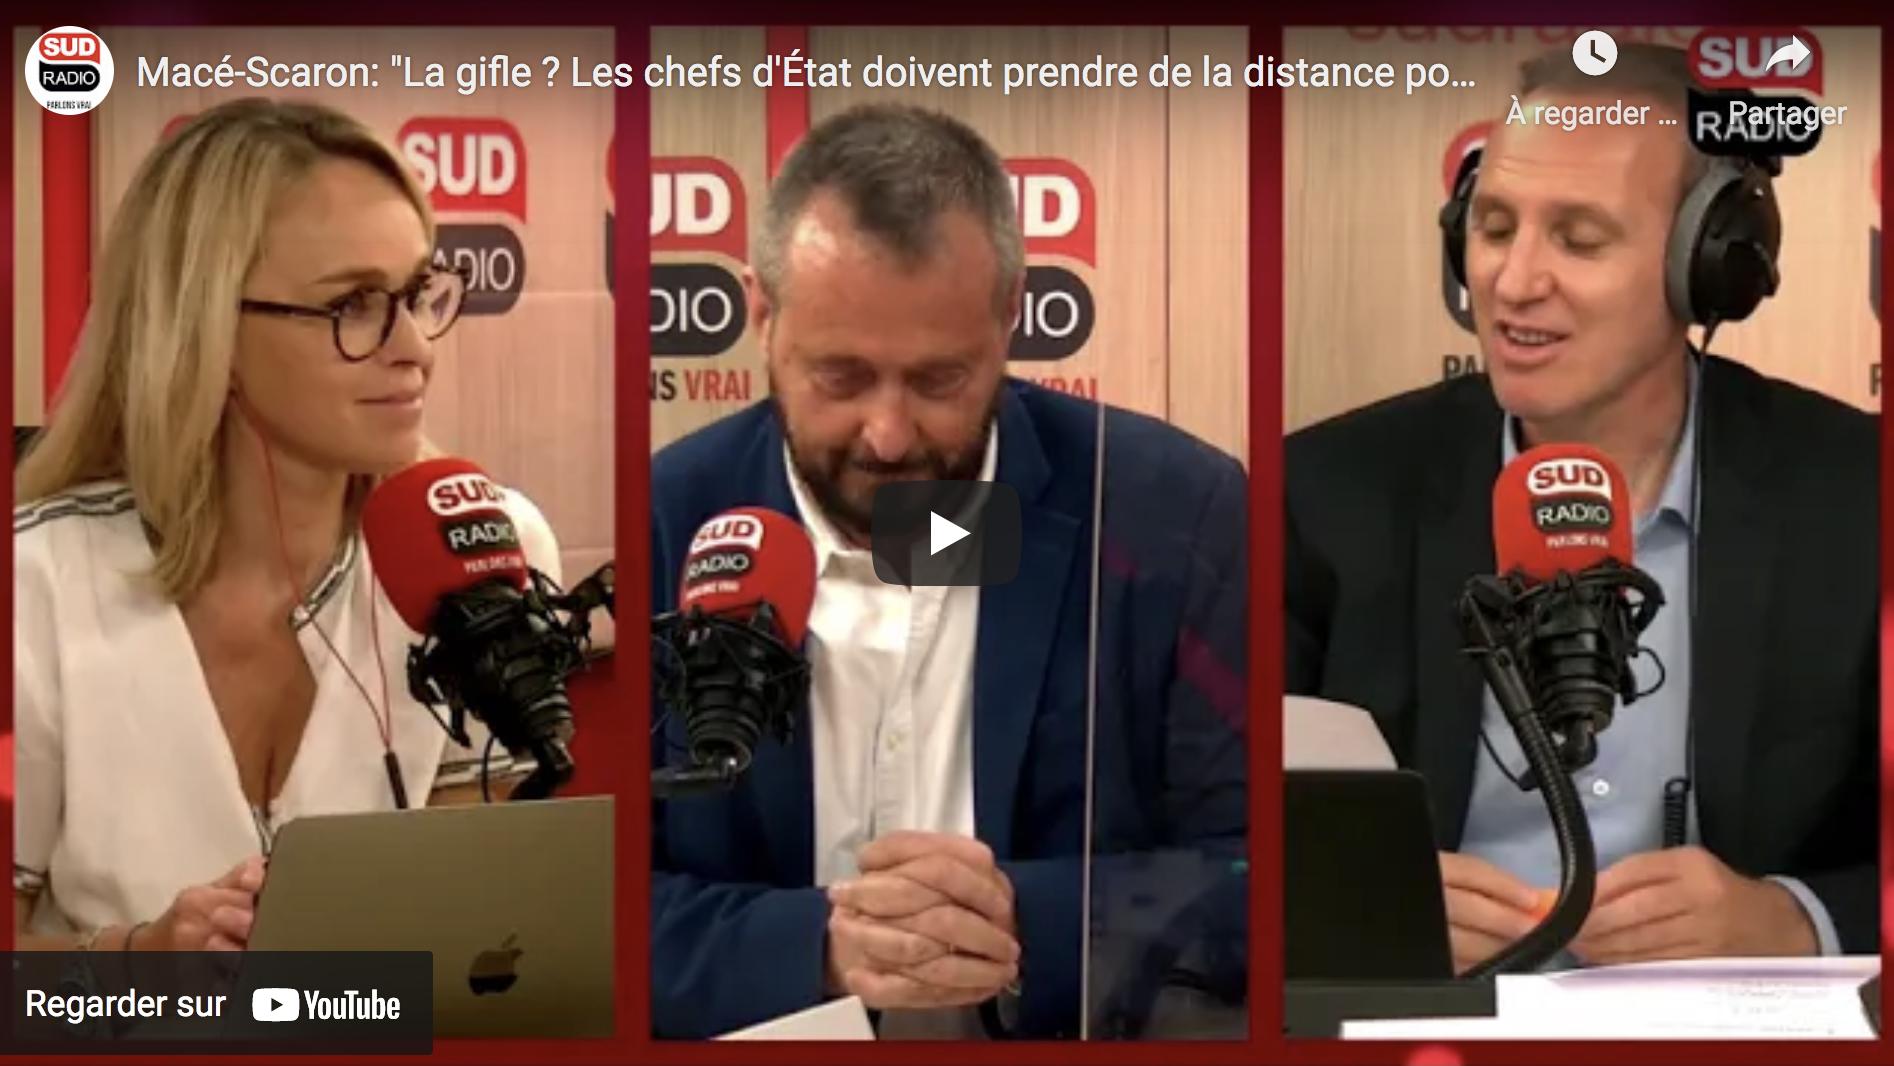 """Joseph Macé-Scaron : """"La gifle ? Les chefs d'État doivent prendre de la distance pour symboliser l'autorité"""" (VIDÉO)"""